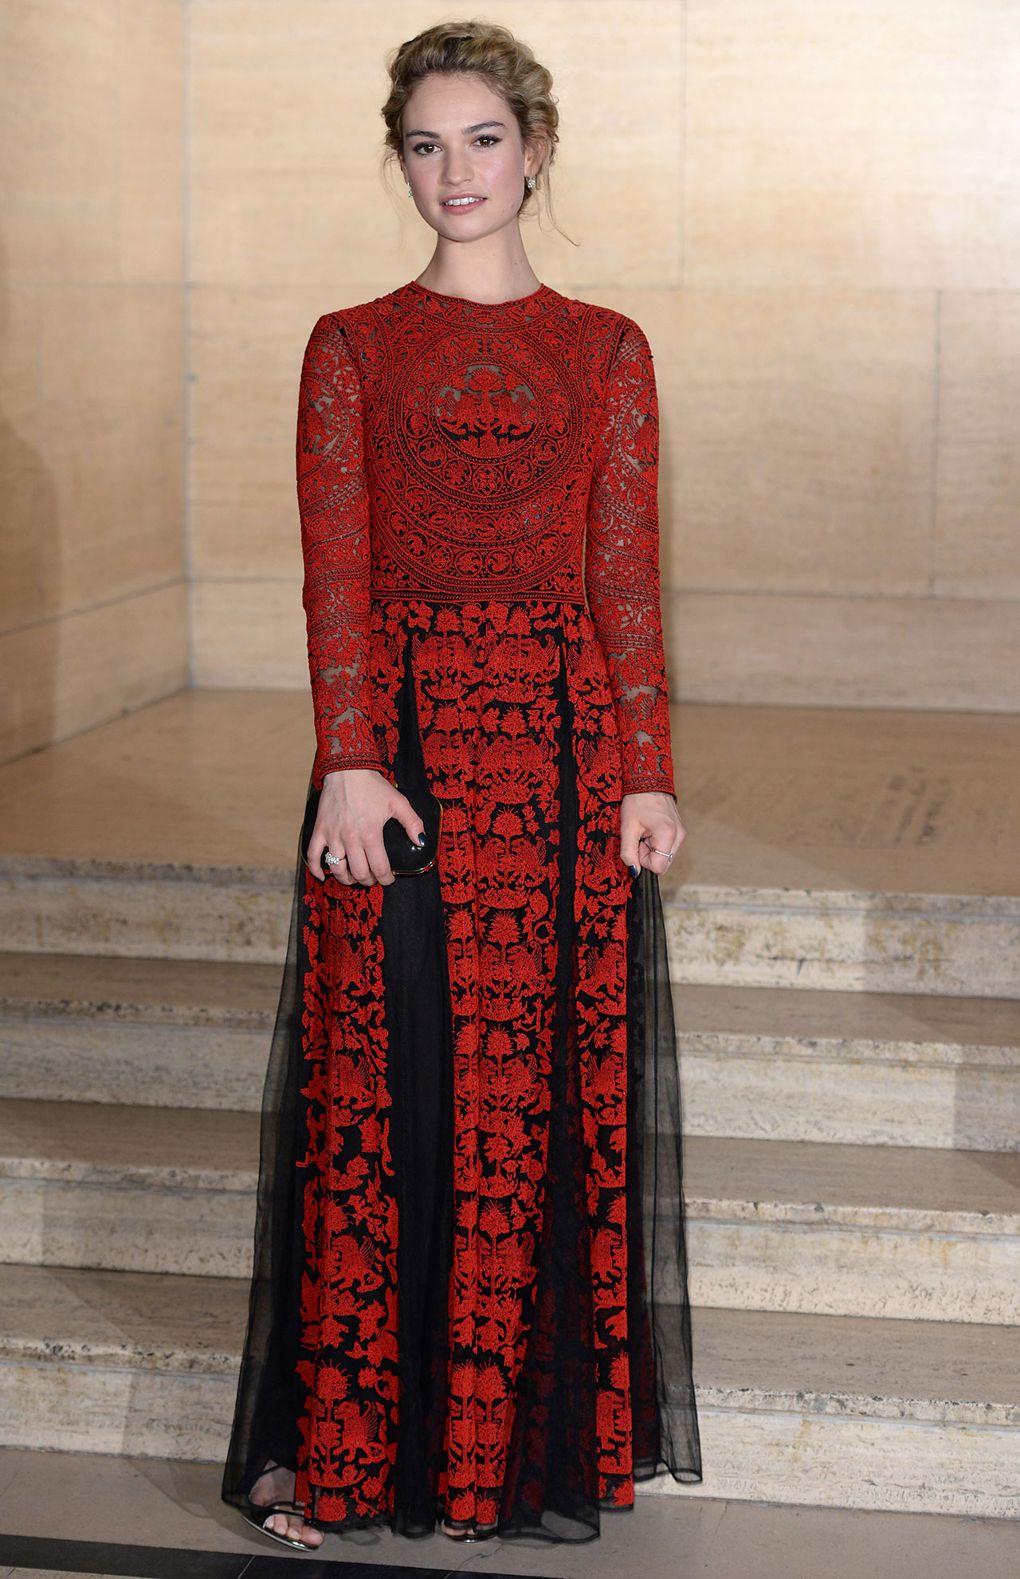 Hành trình thay đổi phong cách thời trang qua từng năm của Lily James7